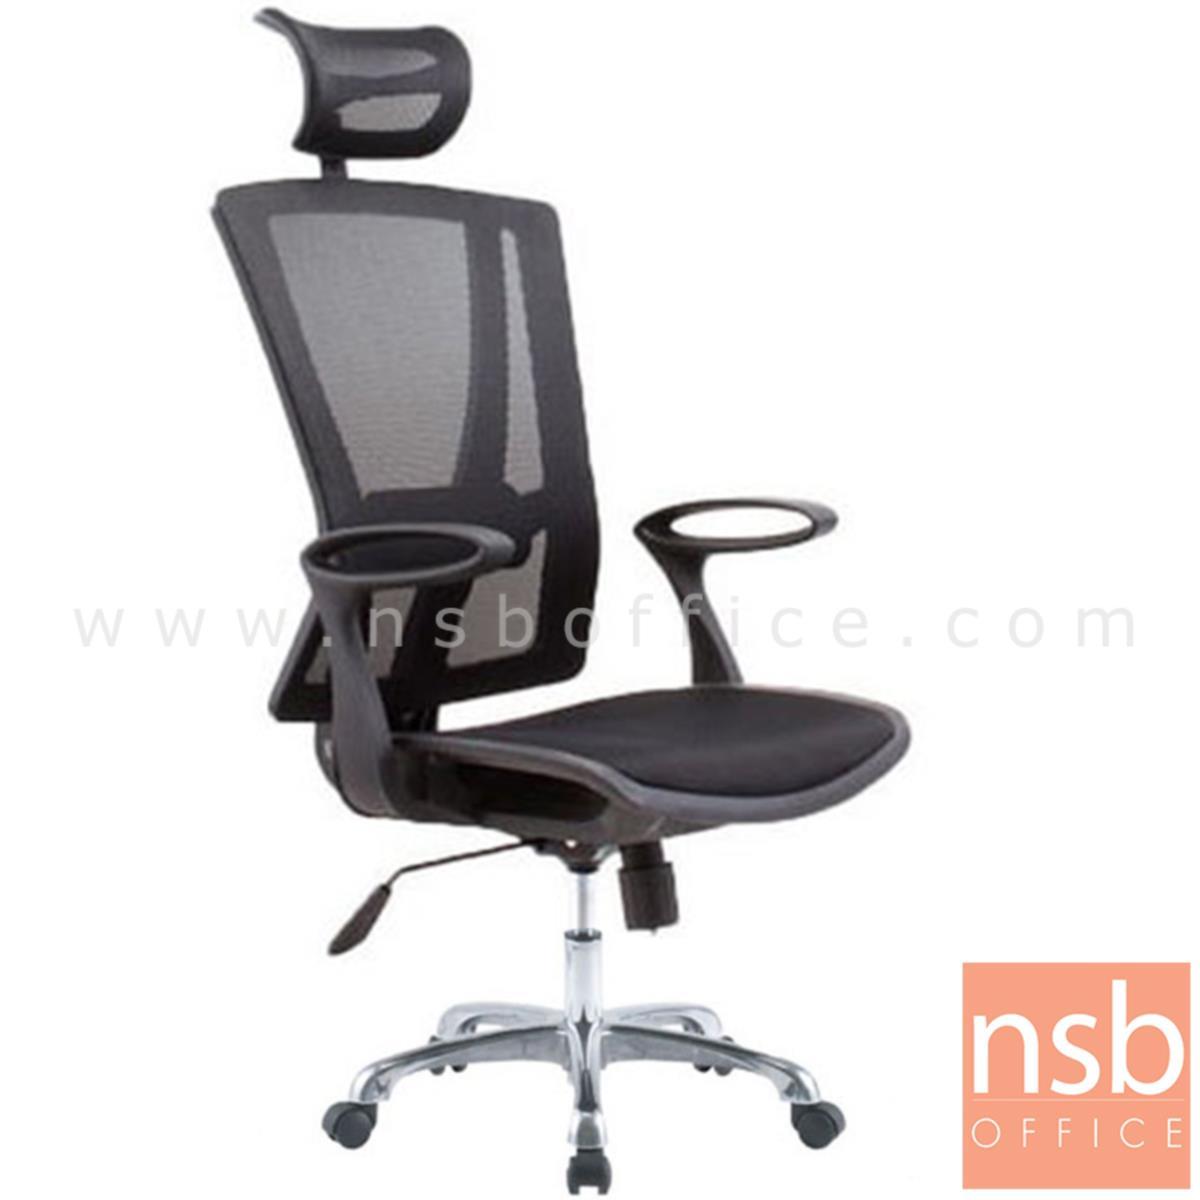 B24A018:เก้าอี้ผู้บริหารหลังเน็ต รุ่น Walter (วอลเตอร์)  โช๊คแก๊ส มีก้อนโยก ขาเหล็กชุบโครเมี่ยม